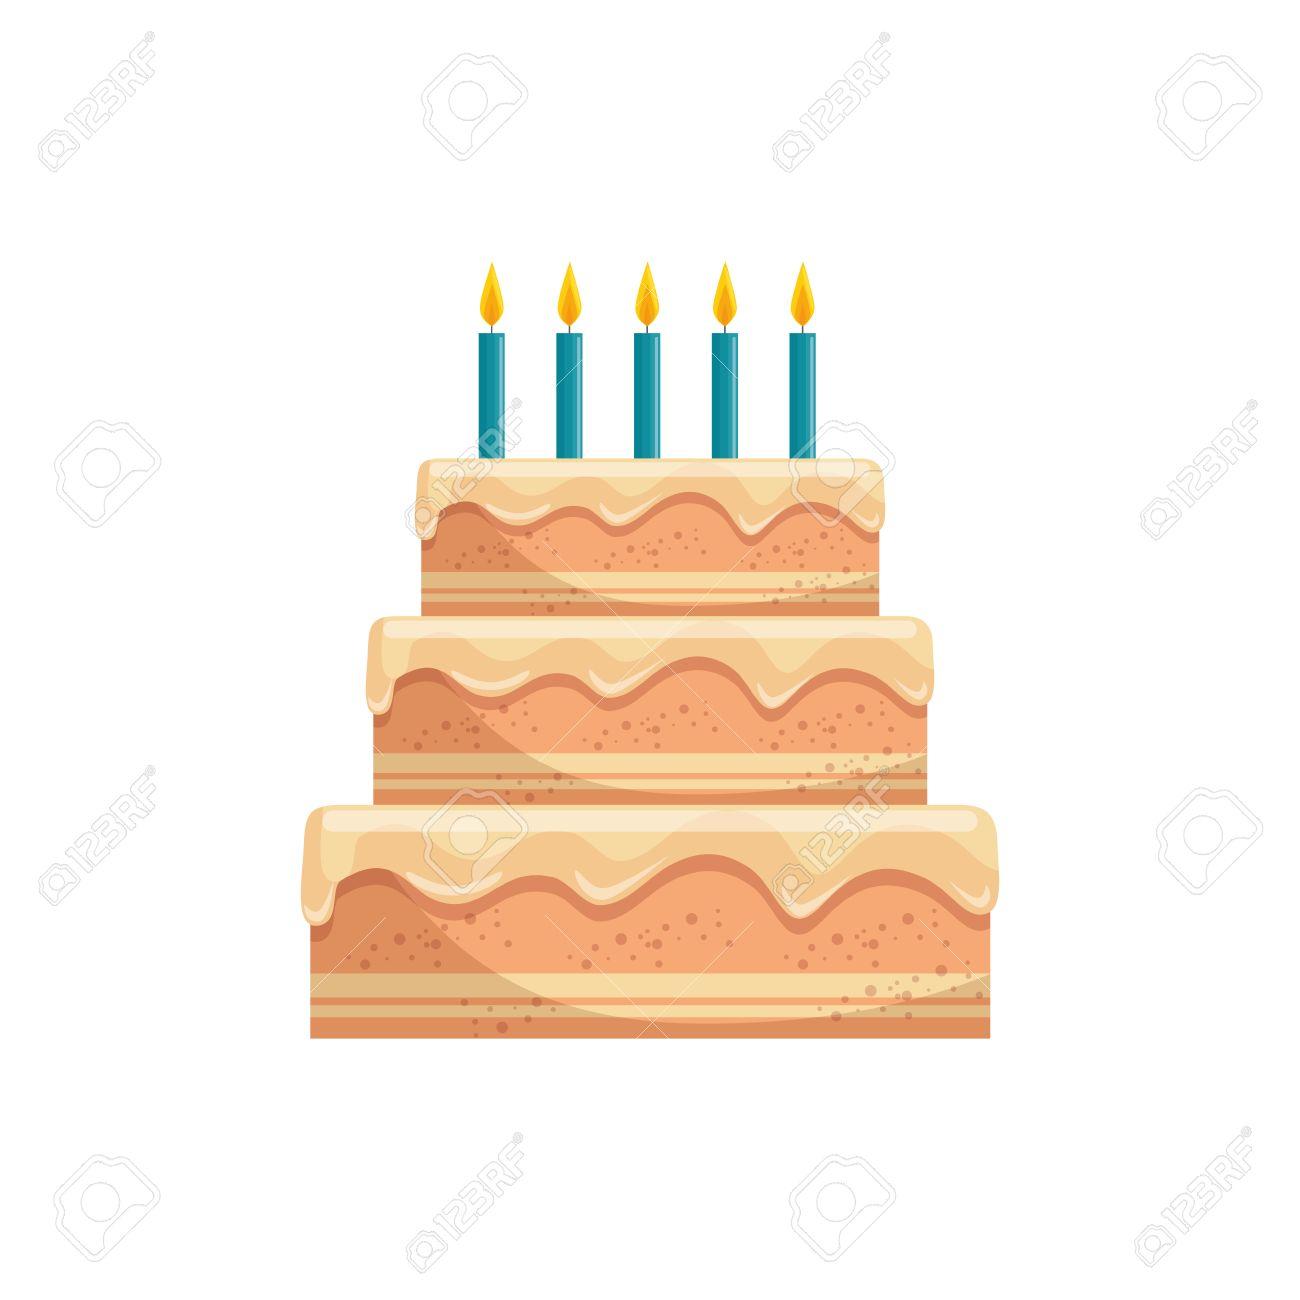 美味しいバースデー ケーキのアイコン ベクトル イラスト グラフィック